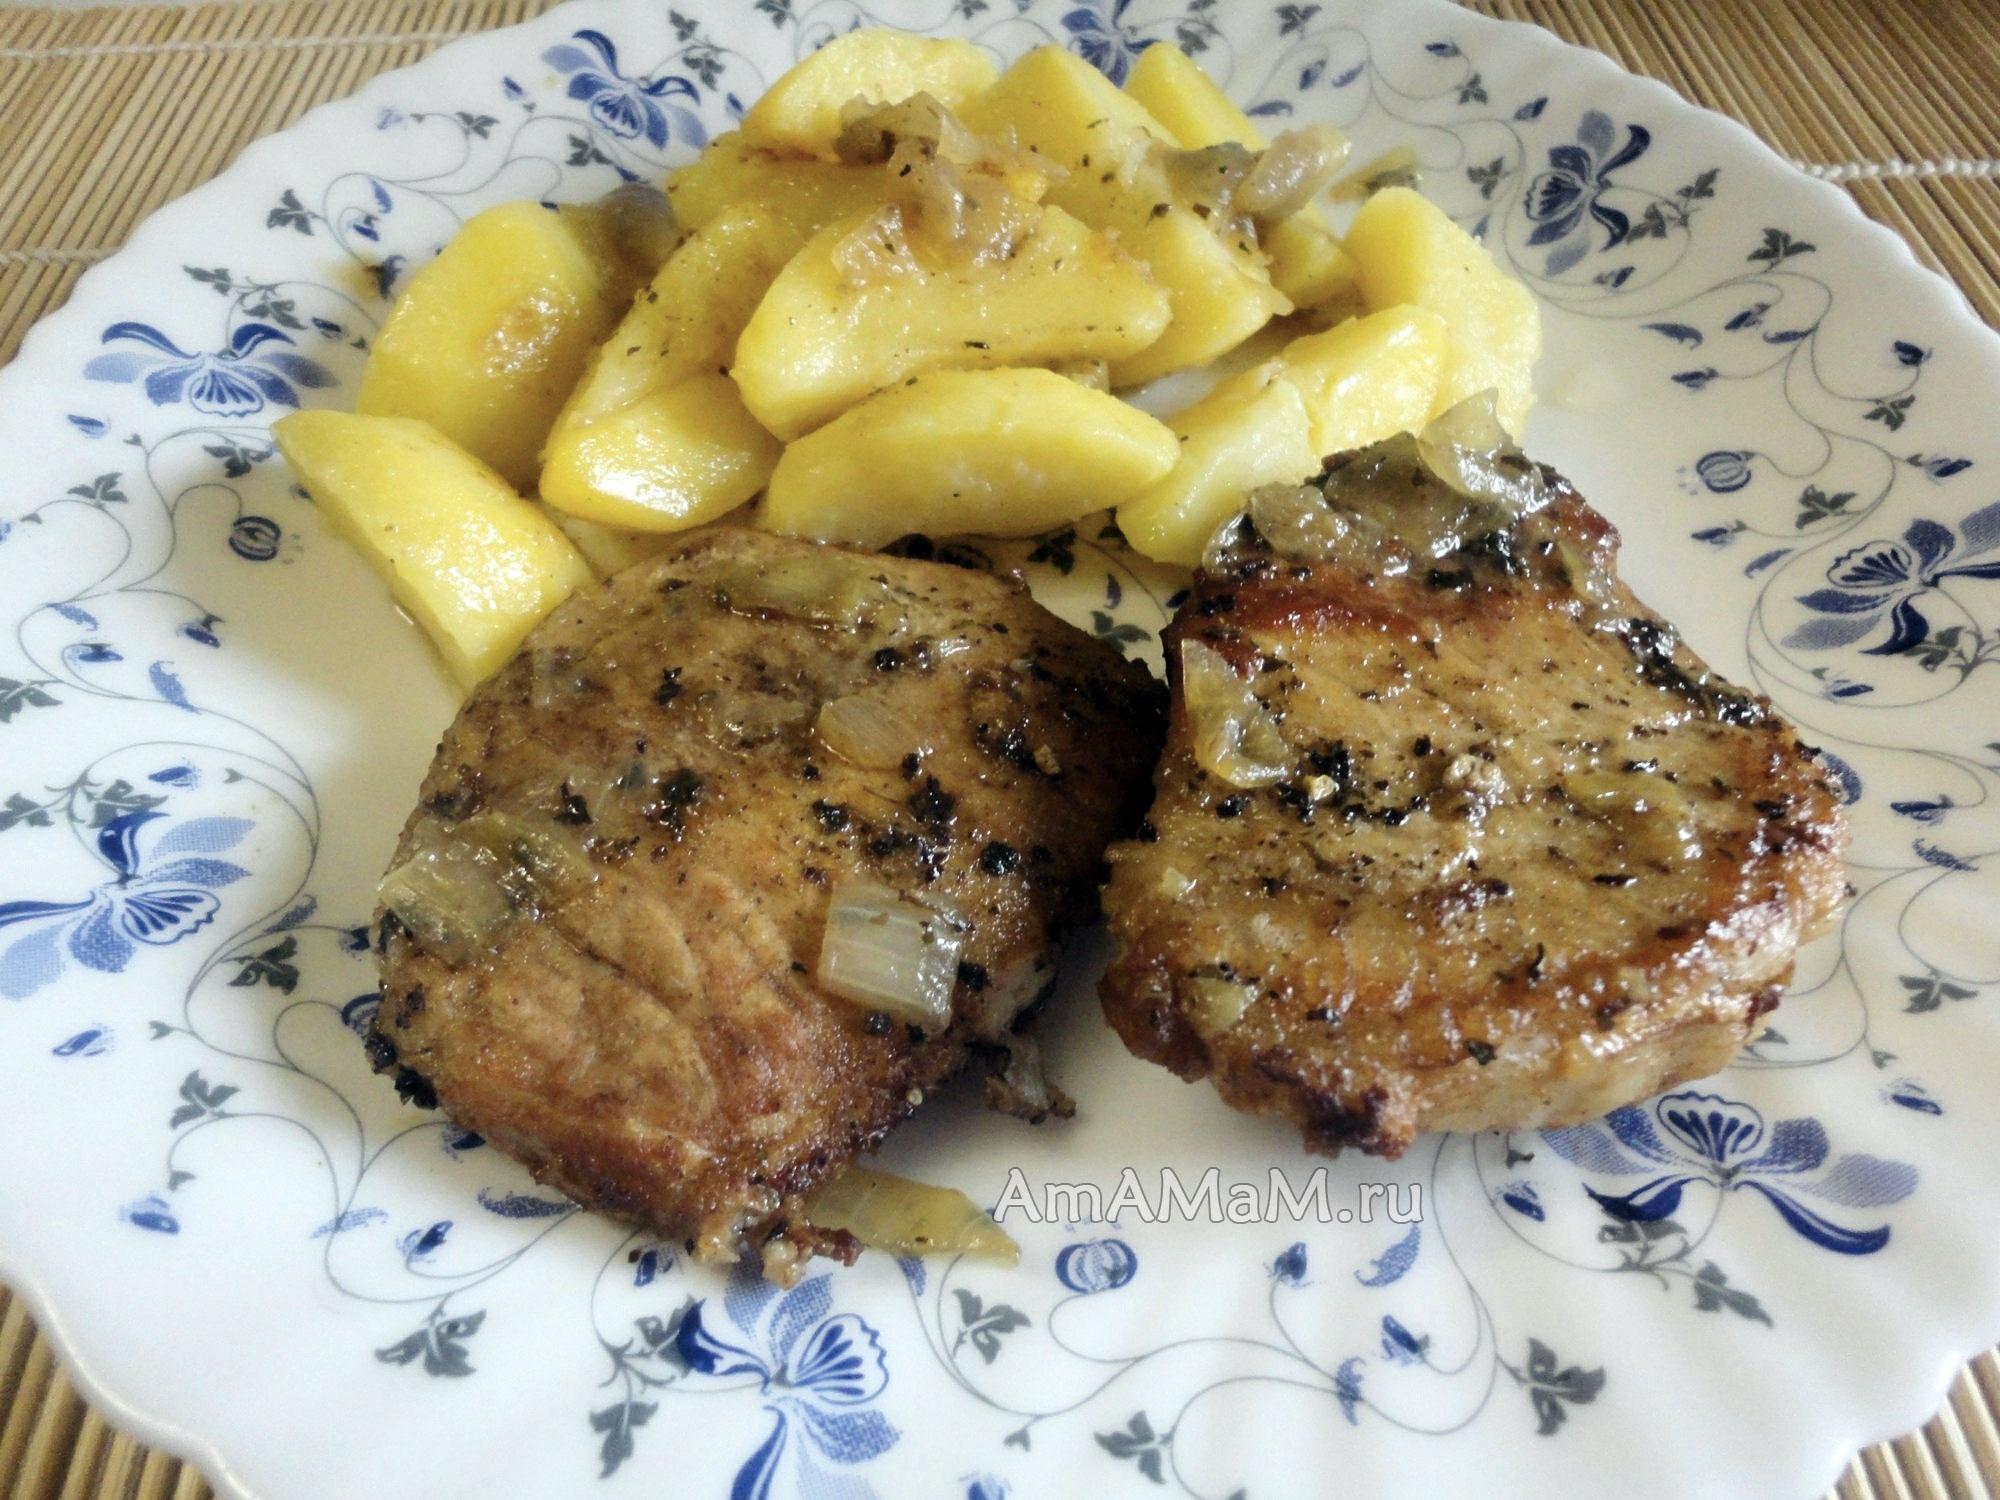 Карбонат с картошкой в духовке рецепт с пошагово